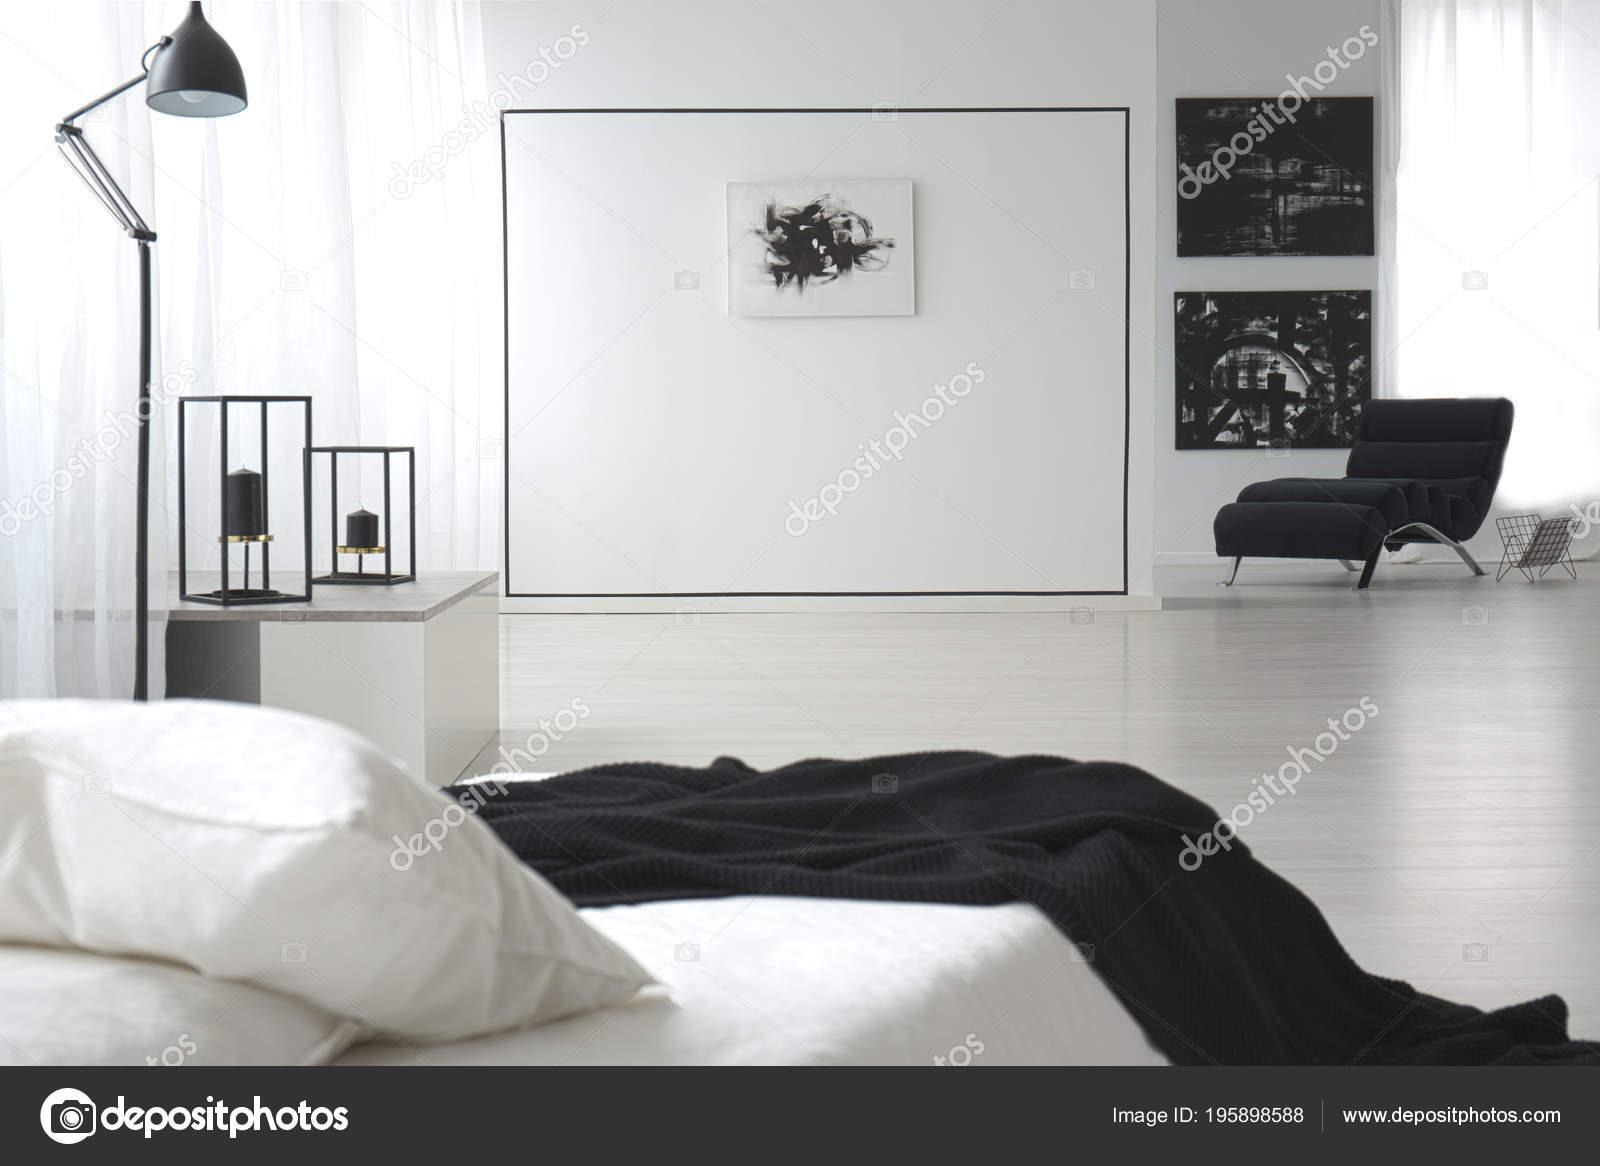 zwart wit slaapkamer interieur met schilderijen dubbel bed lamp muur stockfoto